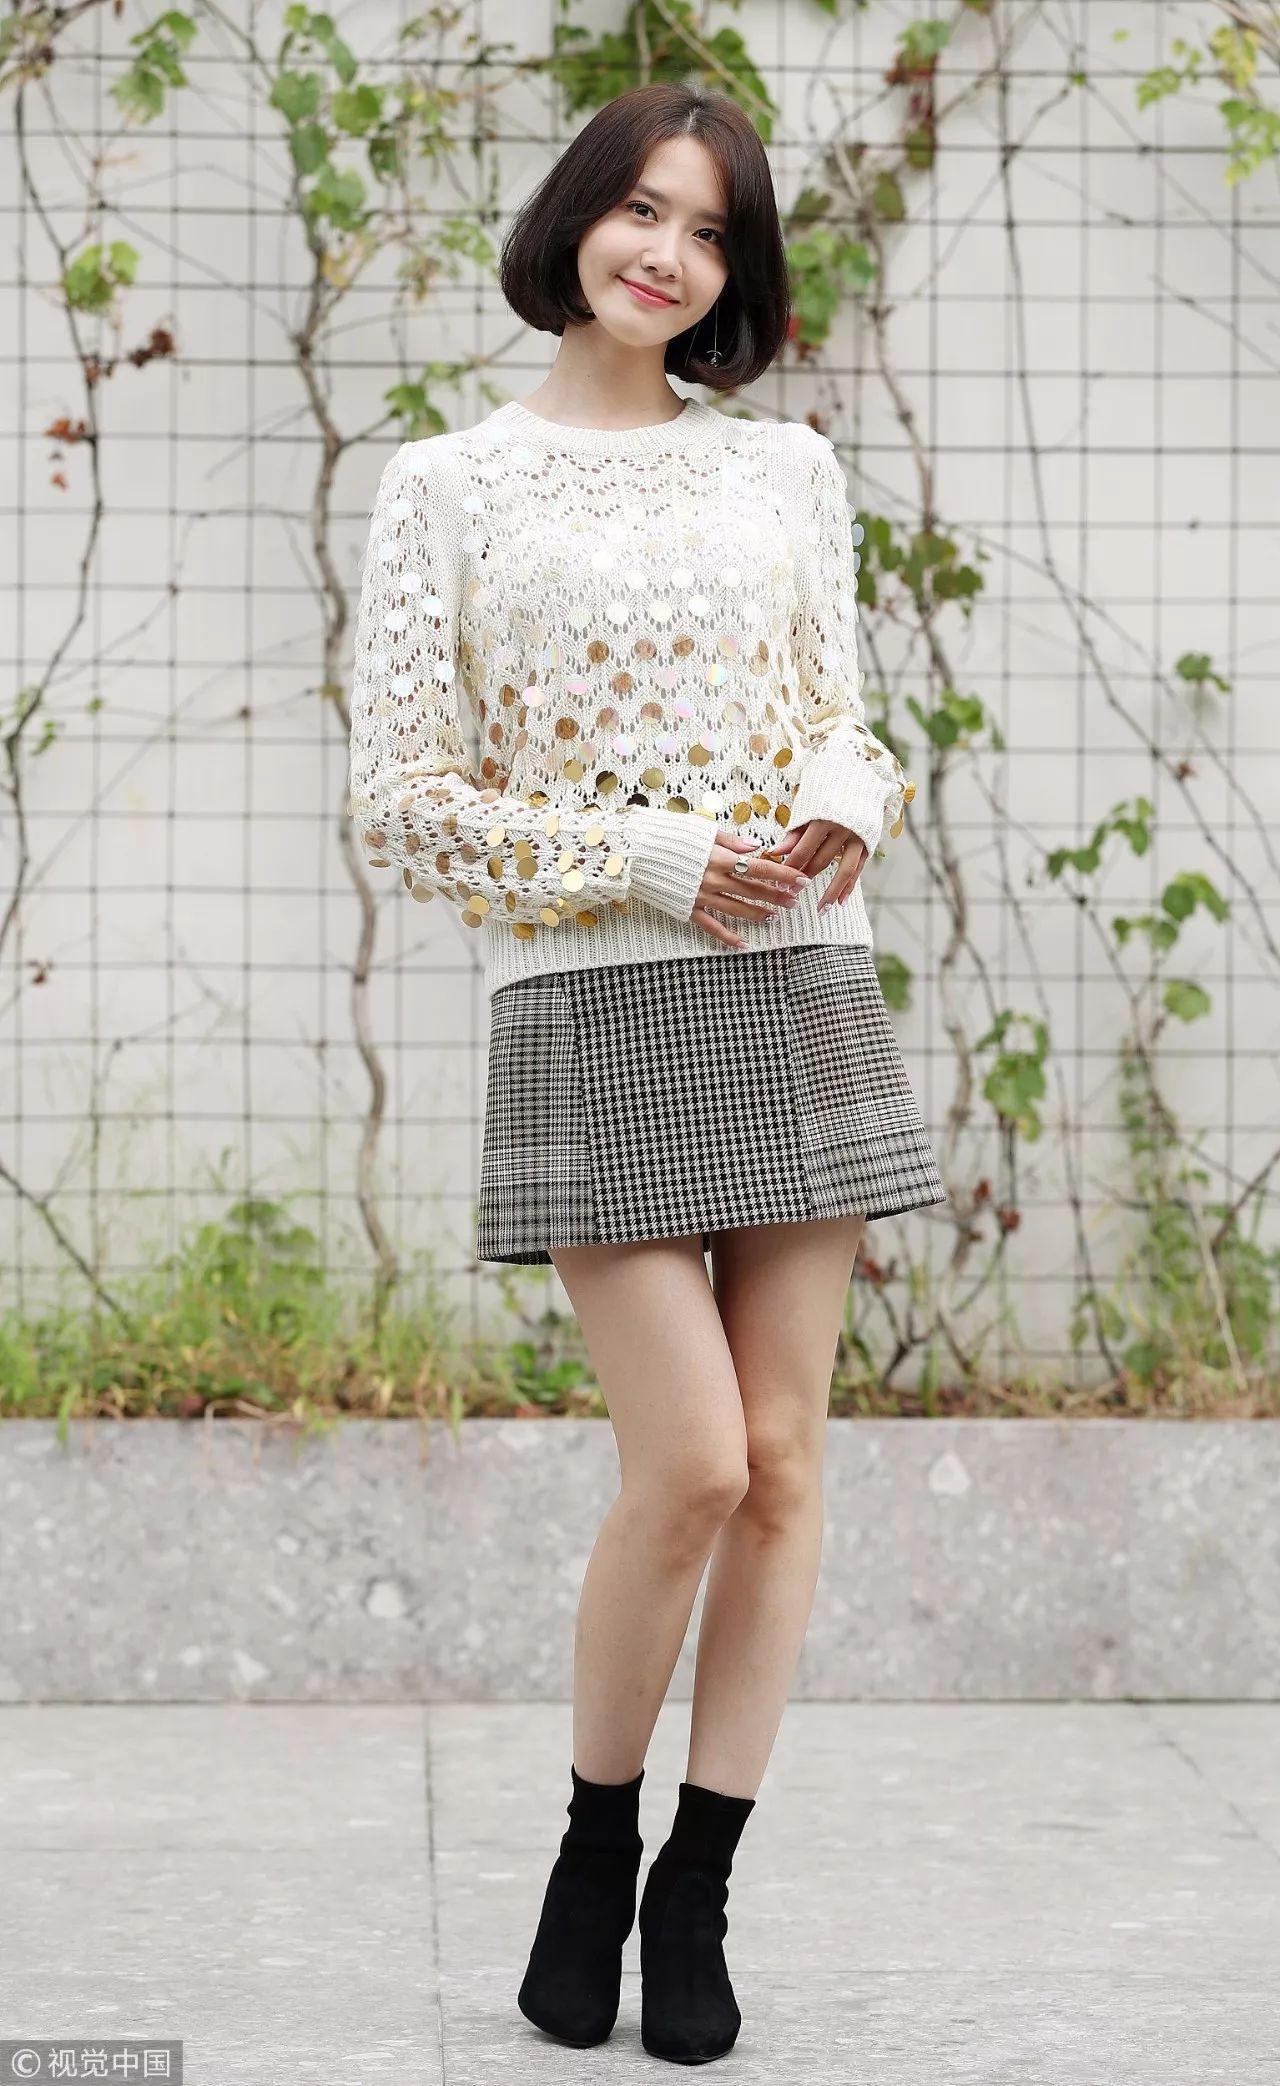 维密天使们人手一件的针织衫其实很好搭啊, 穿对了没有大长腿照样是天使!